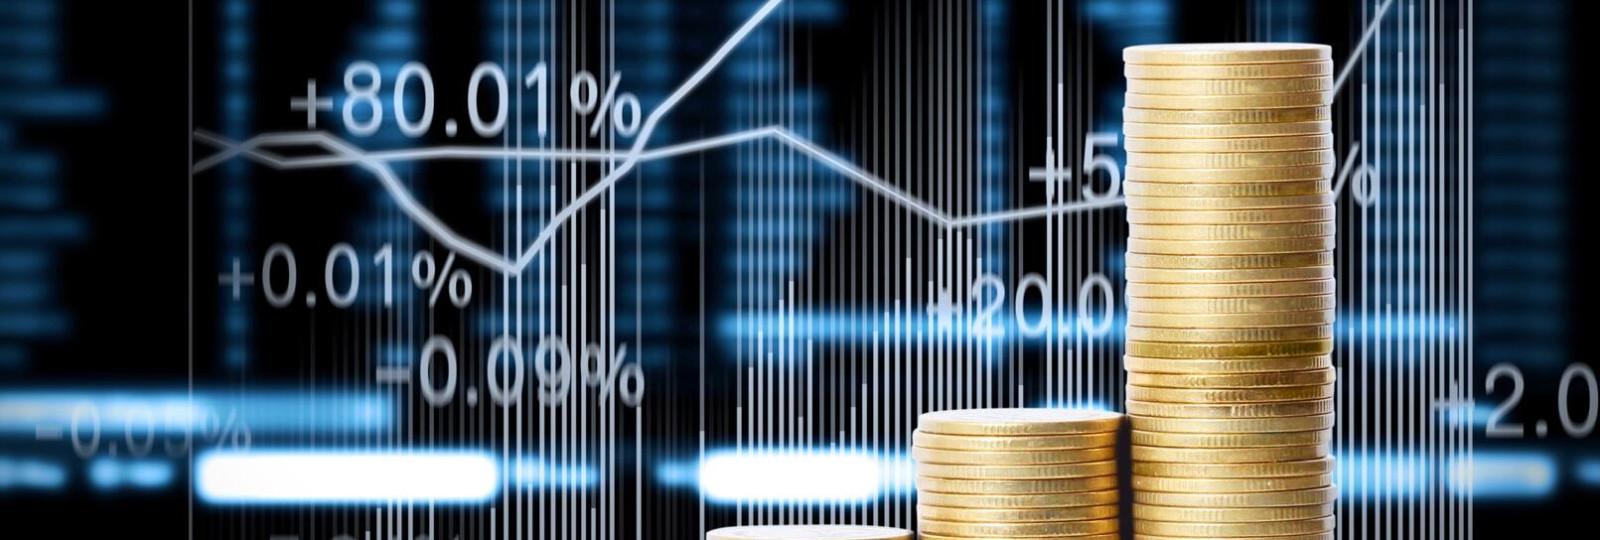 Защита инвестиций с помощью фьючерсных контрактов